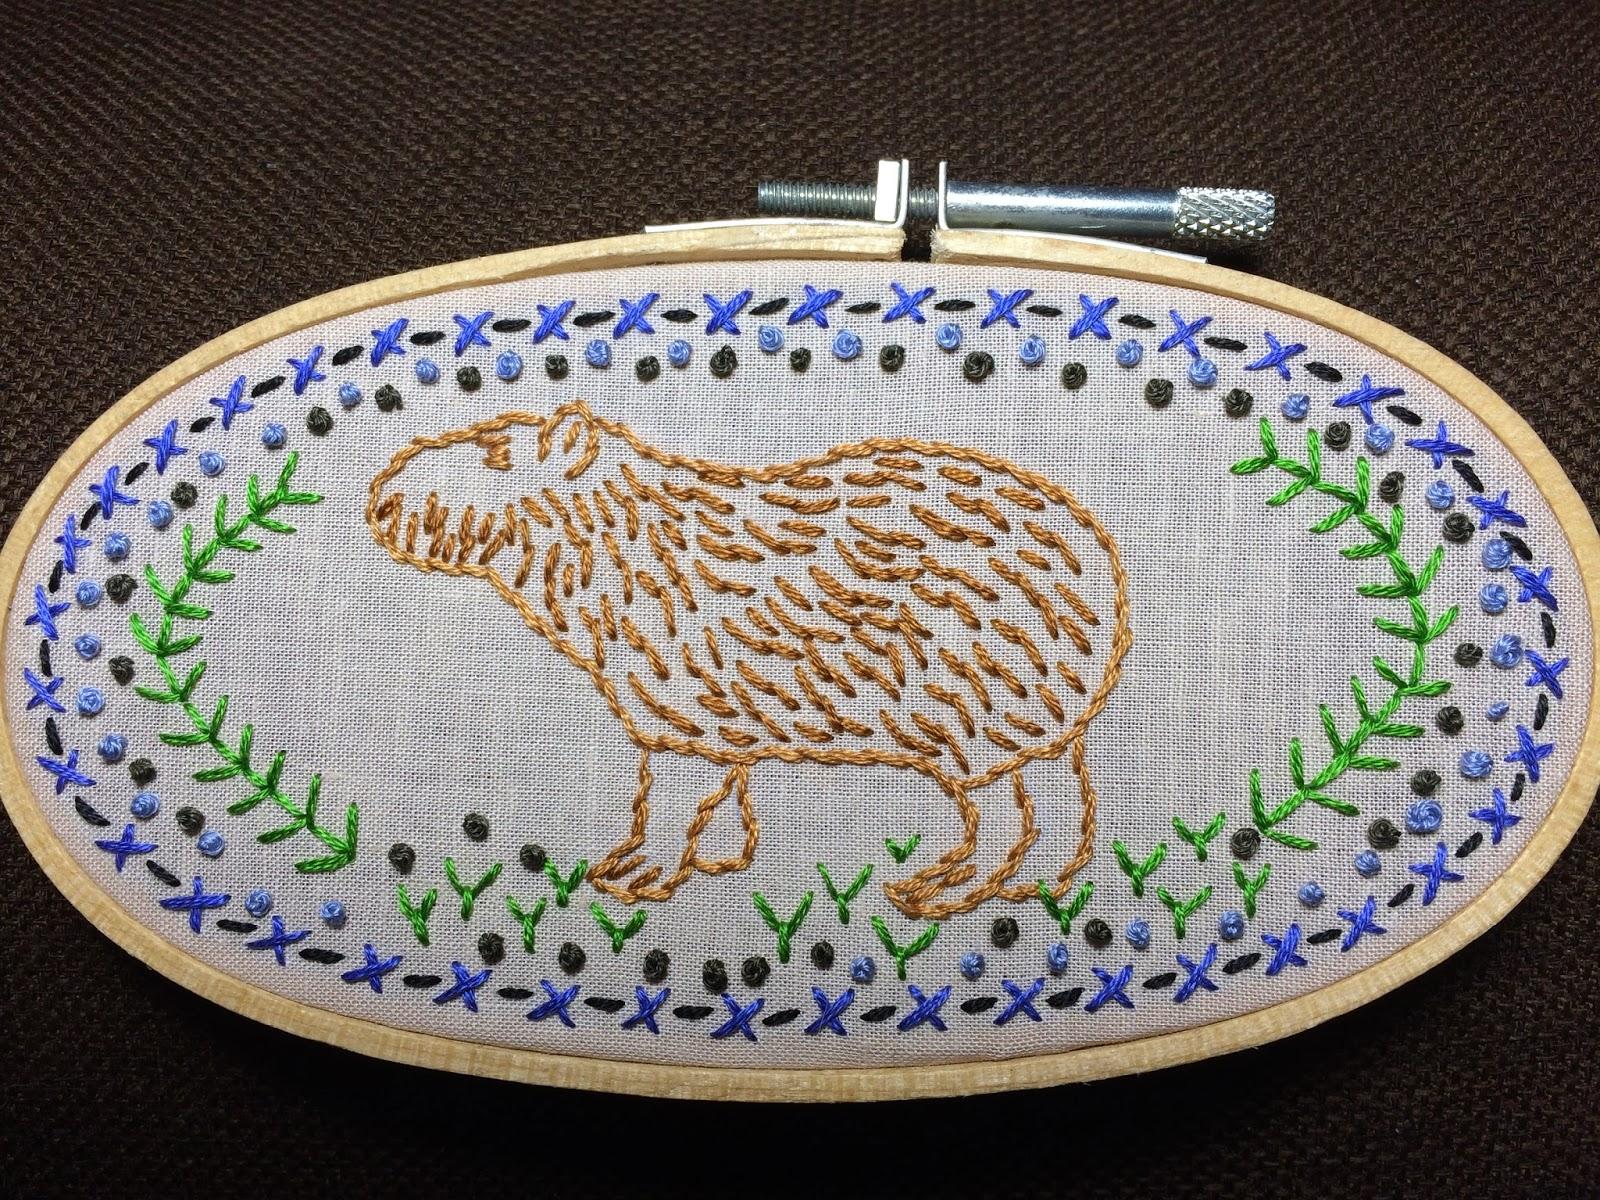 Capybara embroidery